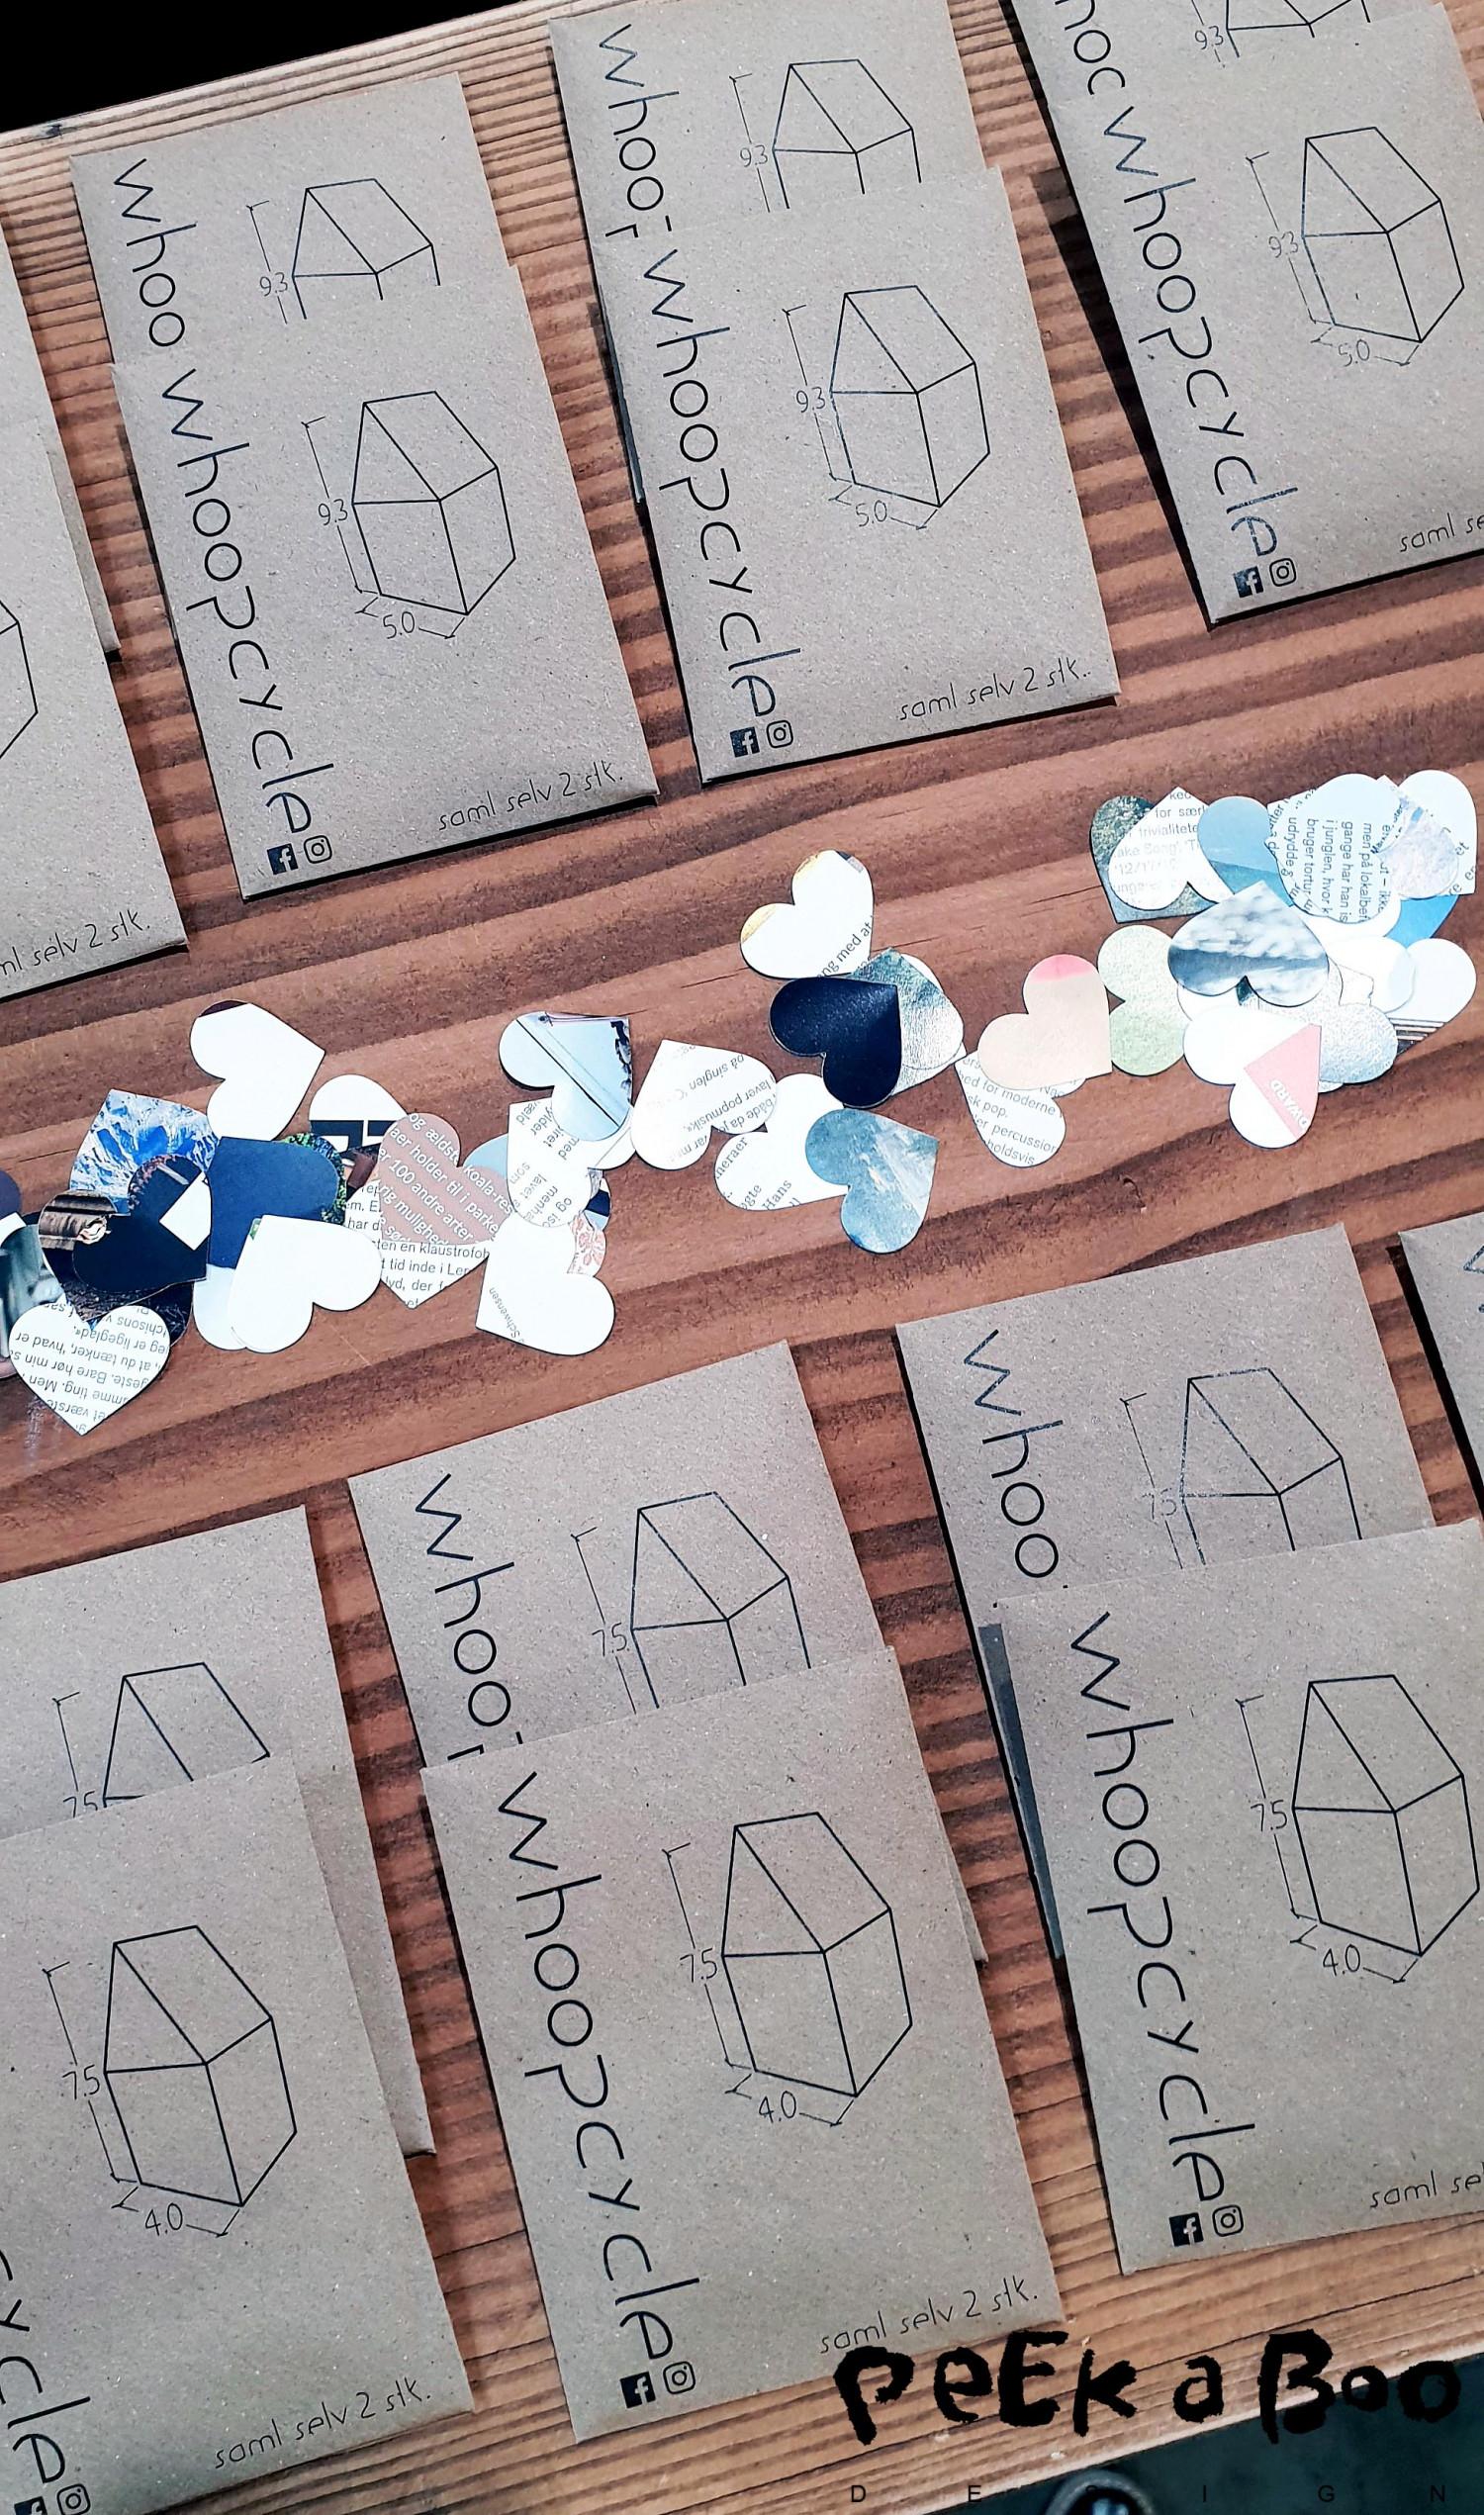 Woopcycle upcycler papir til små DIY projekter.